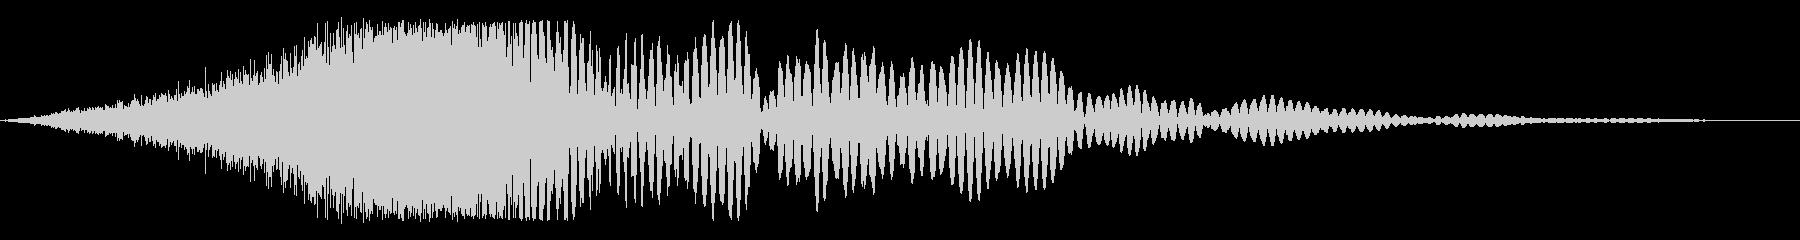 風切り音_(映画のタイトル表示音)の未再生の波形